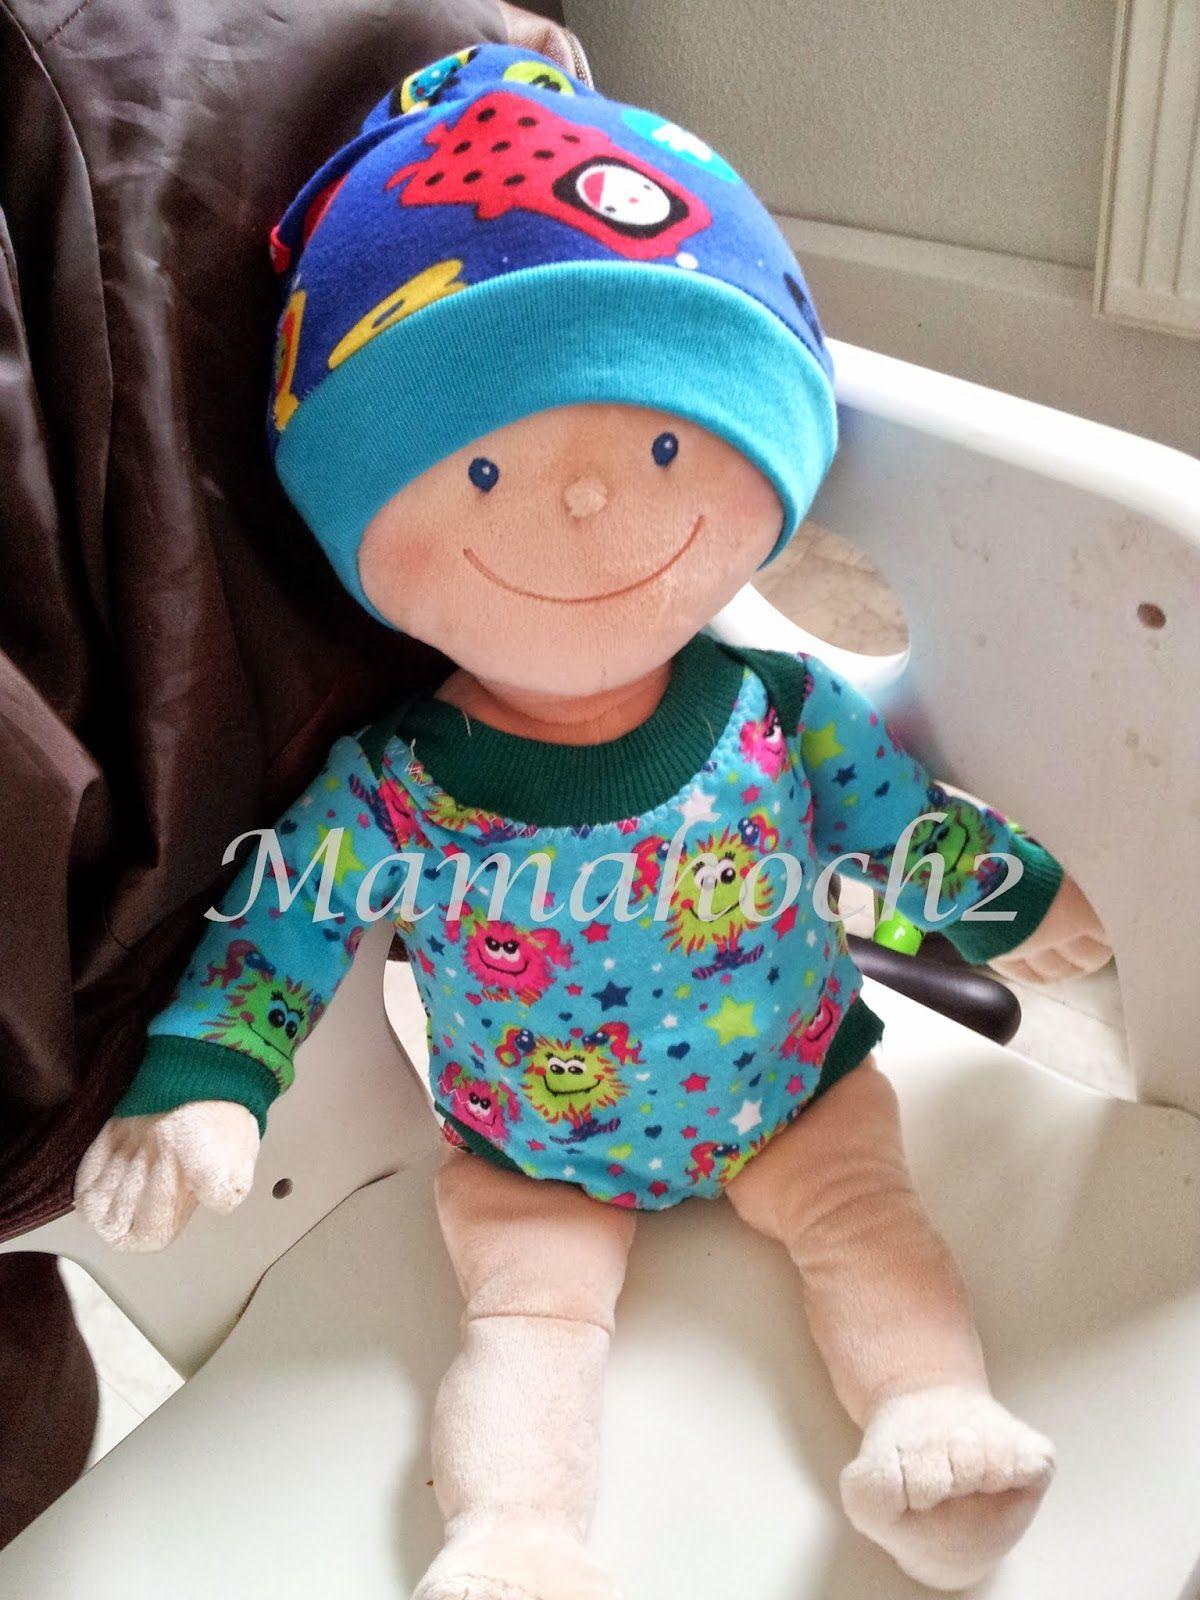 Neue Kleider Fur Puppen Samt Tutorial Mamahoch2 Puppen Kleidung Nahen Krumel Puppe Puppenkleider Nahen